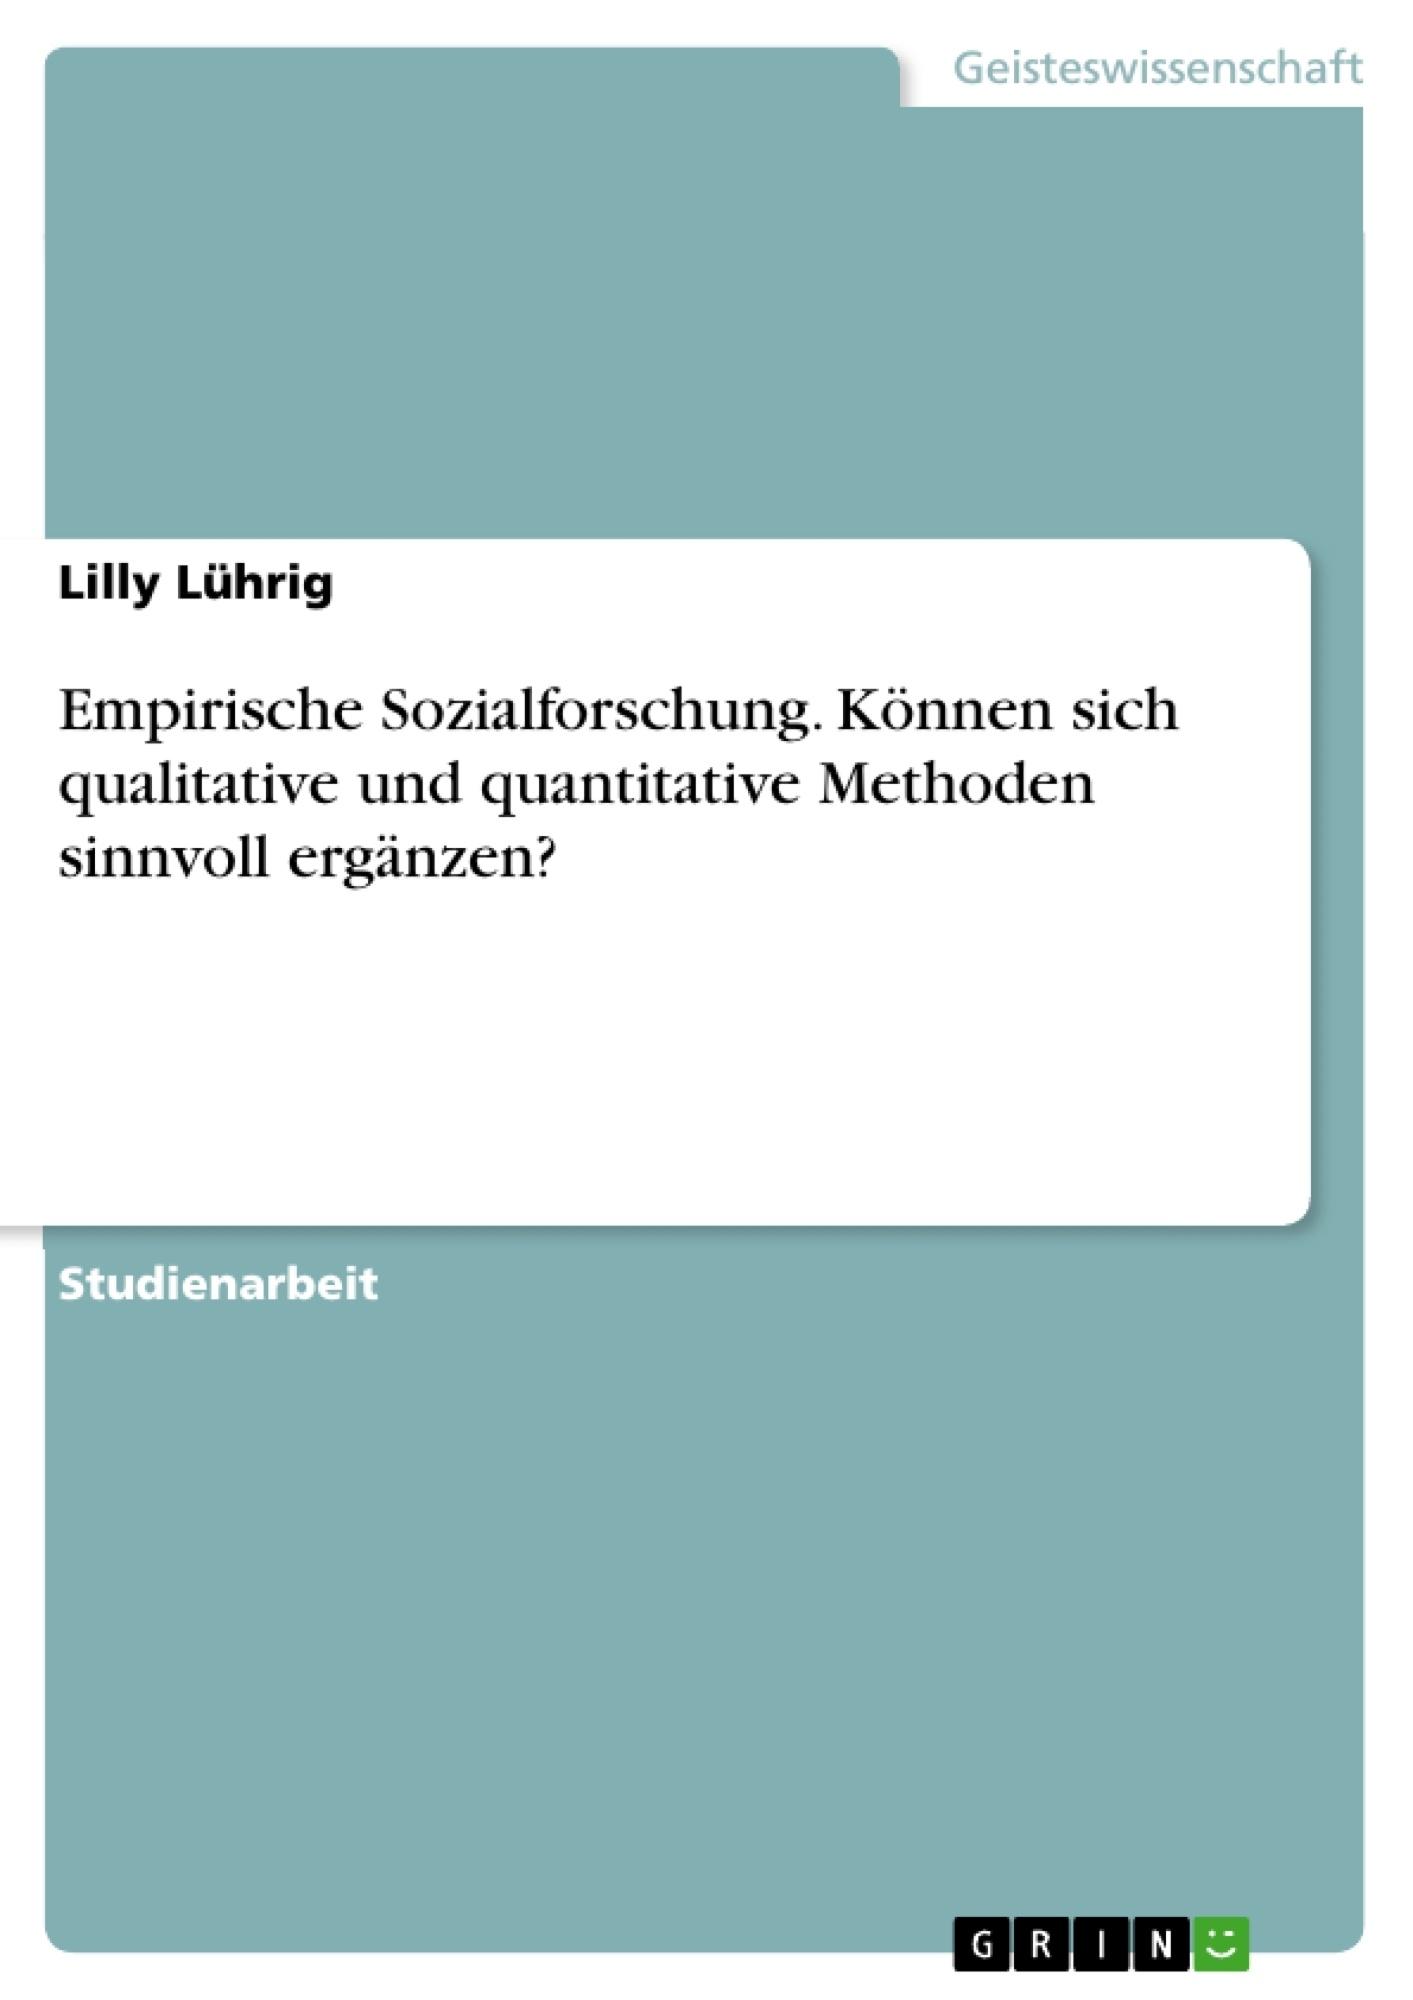 Titel: Empirische Sozialforschung. Können sich qualitative und quantitative Methoden sinnvoll ergänzen?